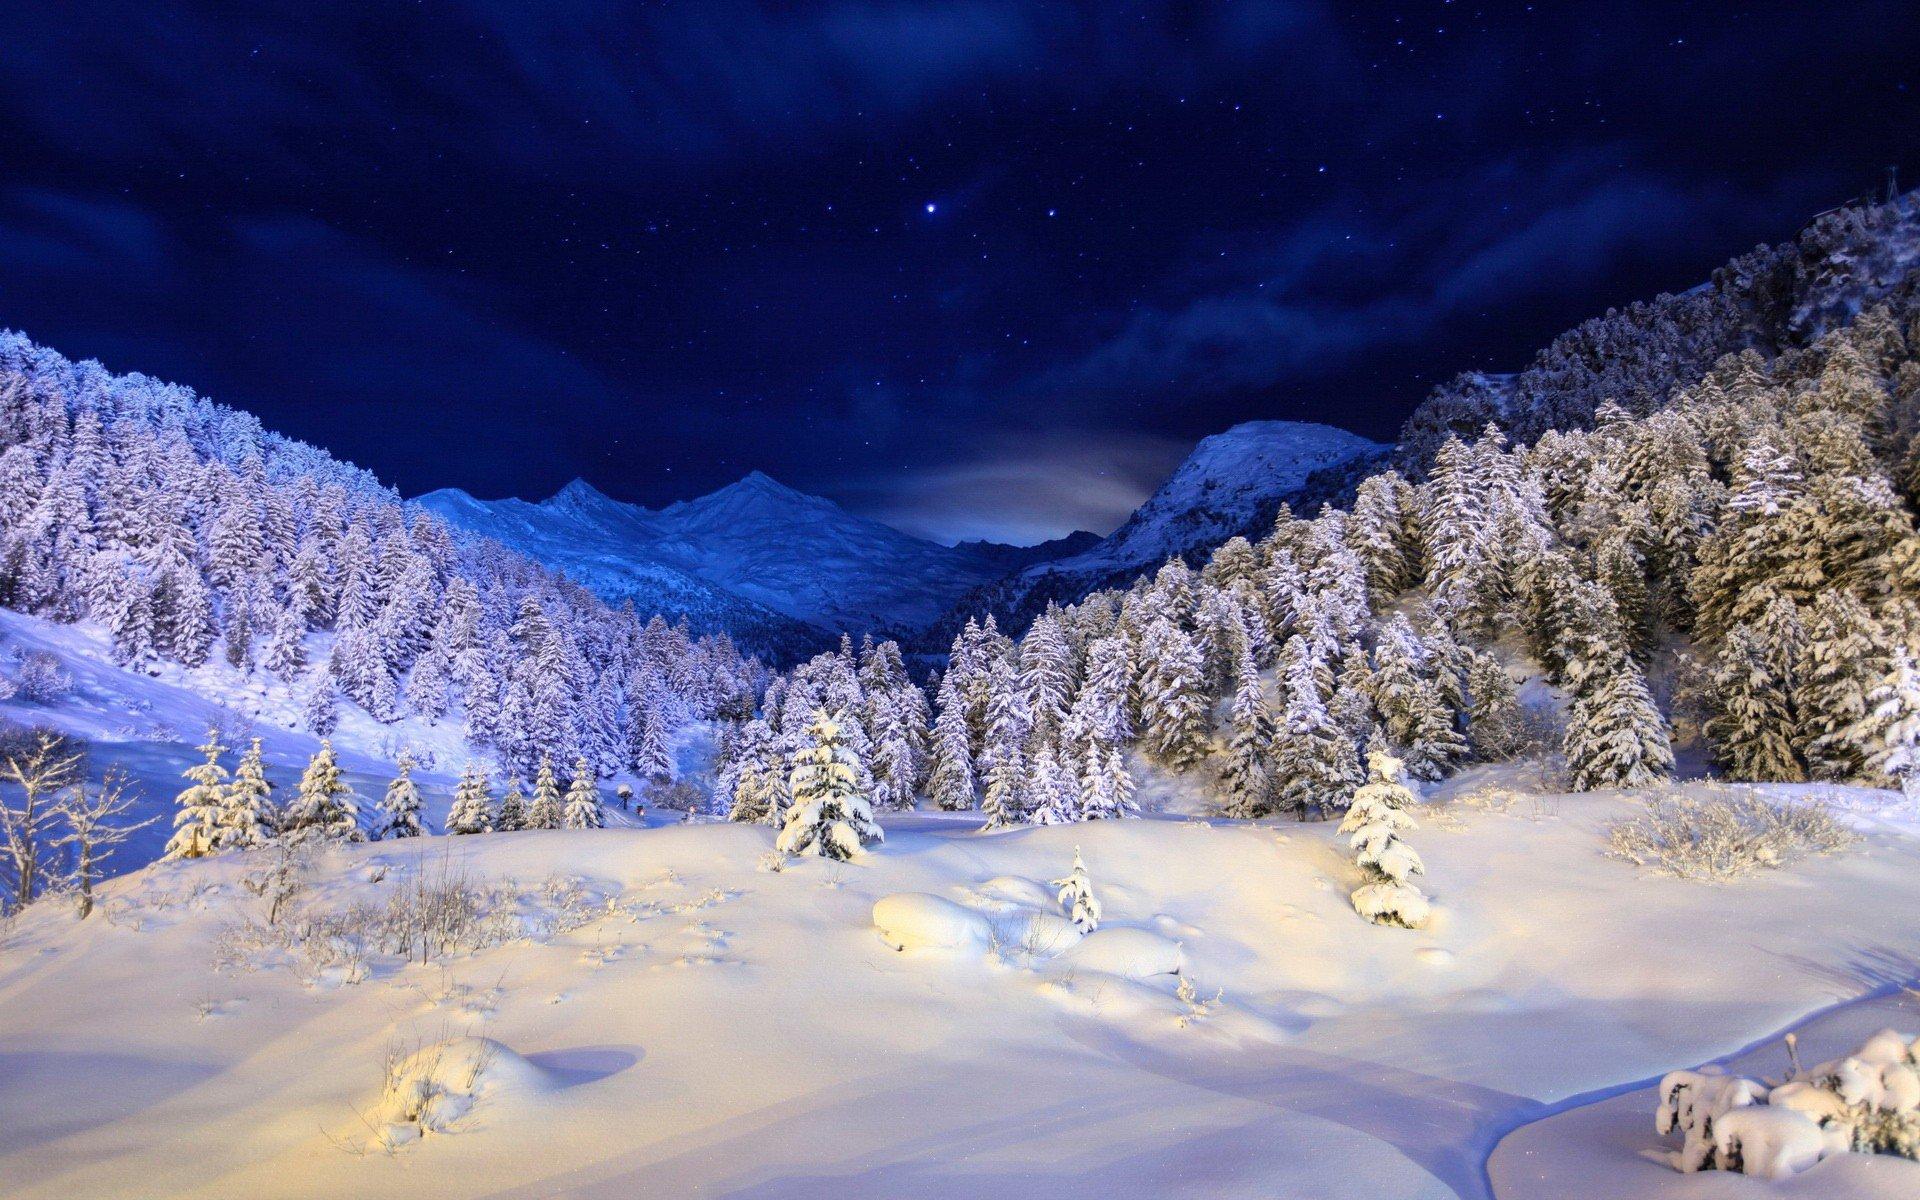 Зима новые картинки, знаки картинки поздравления